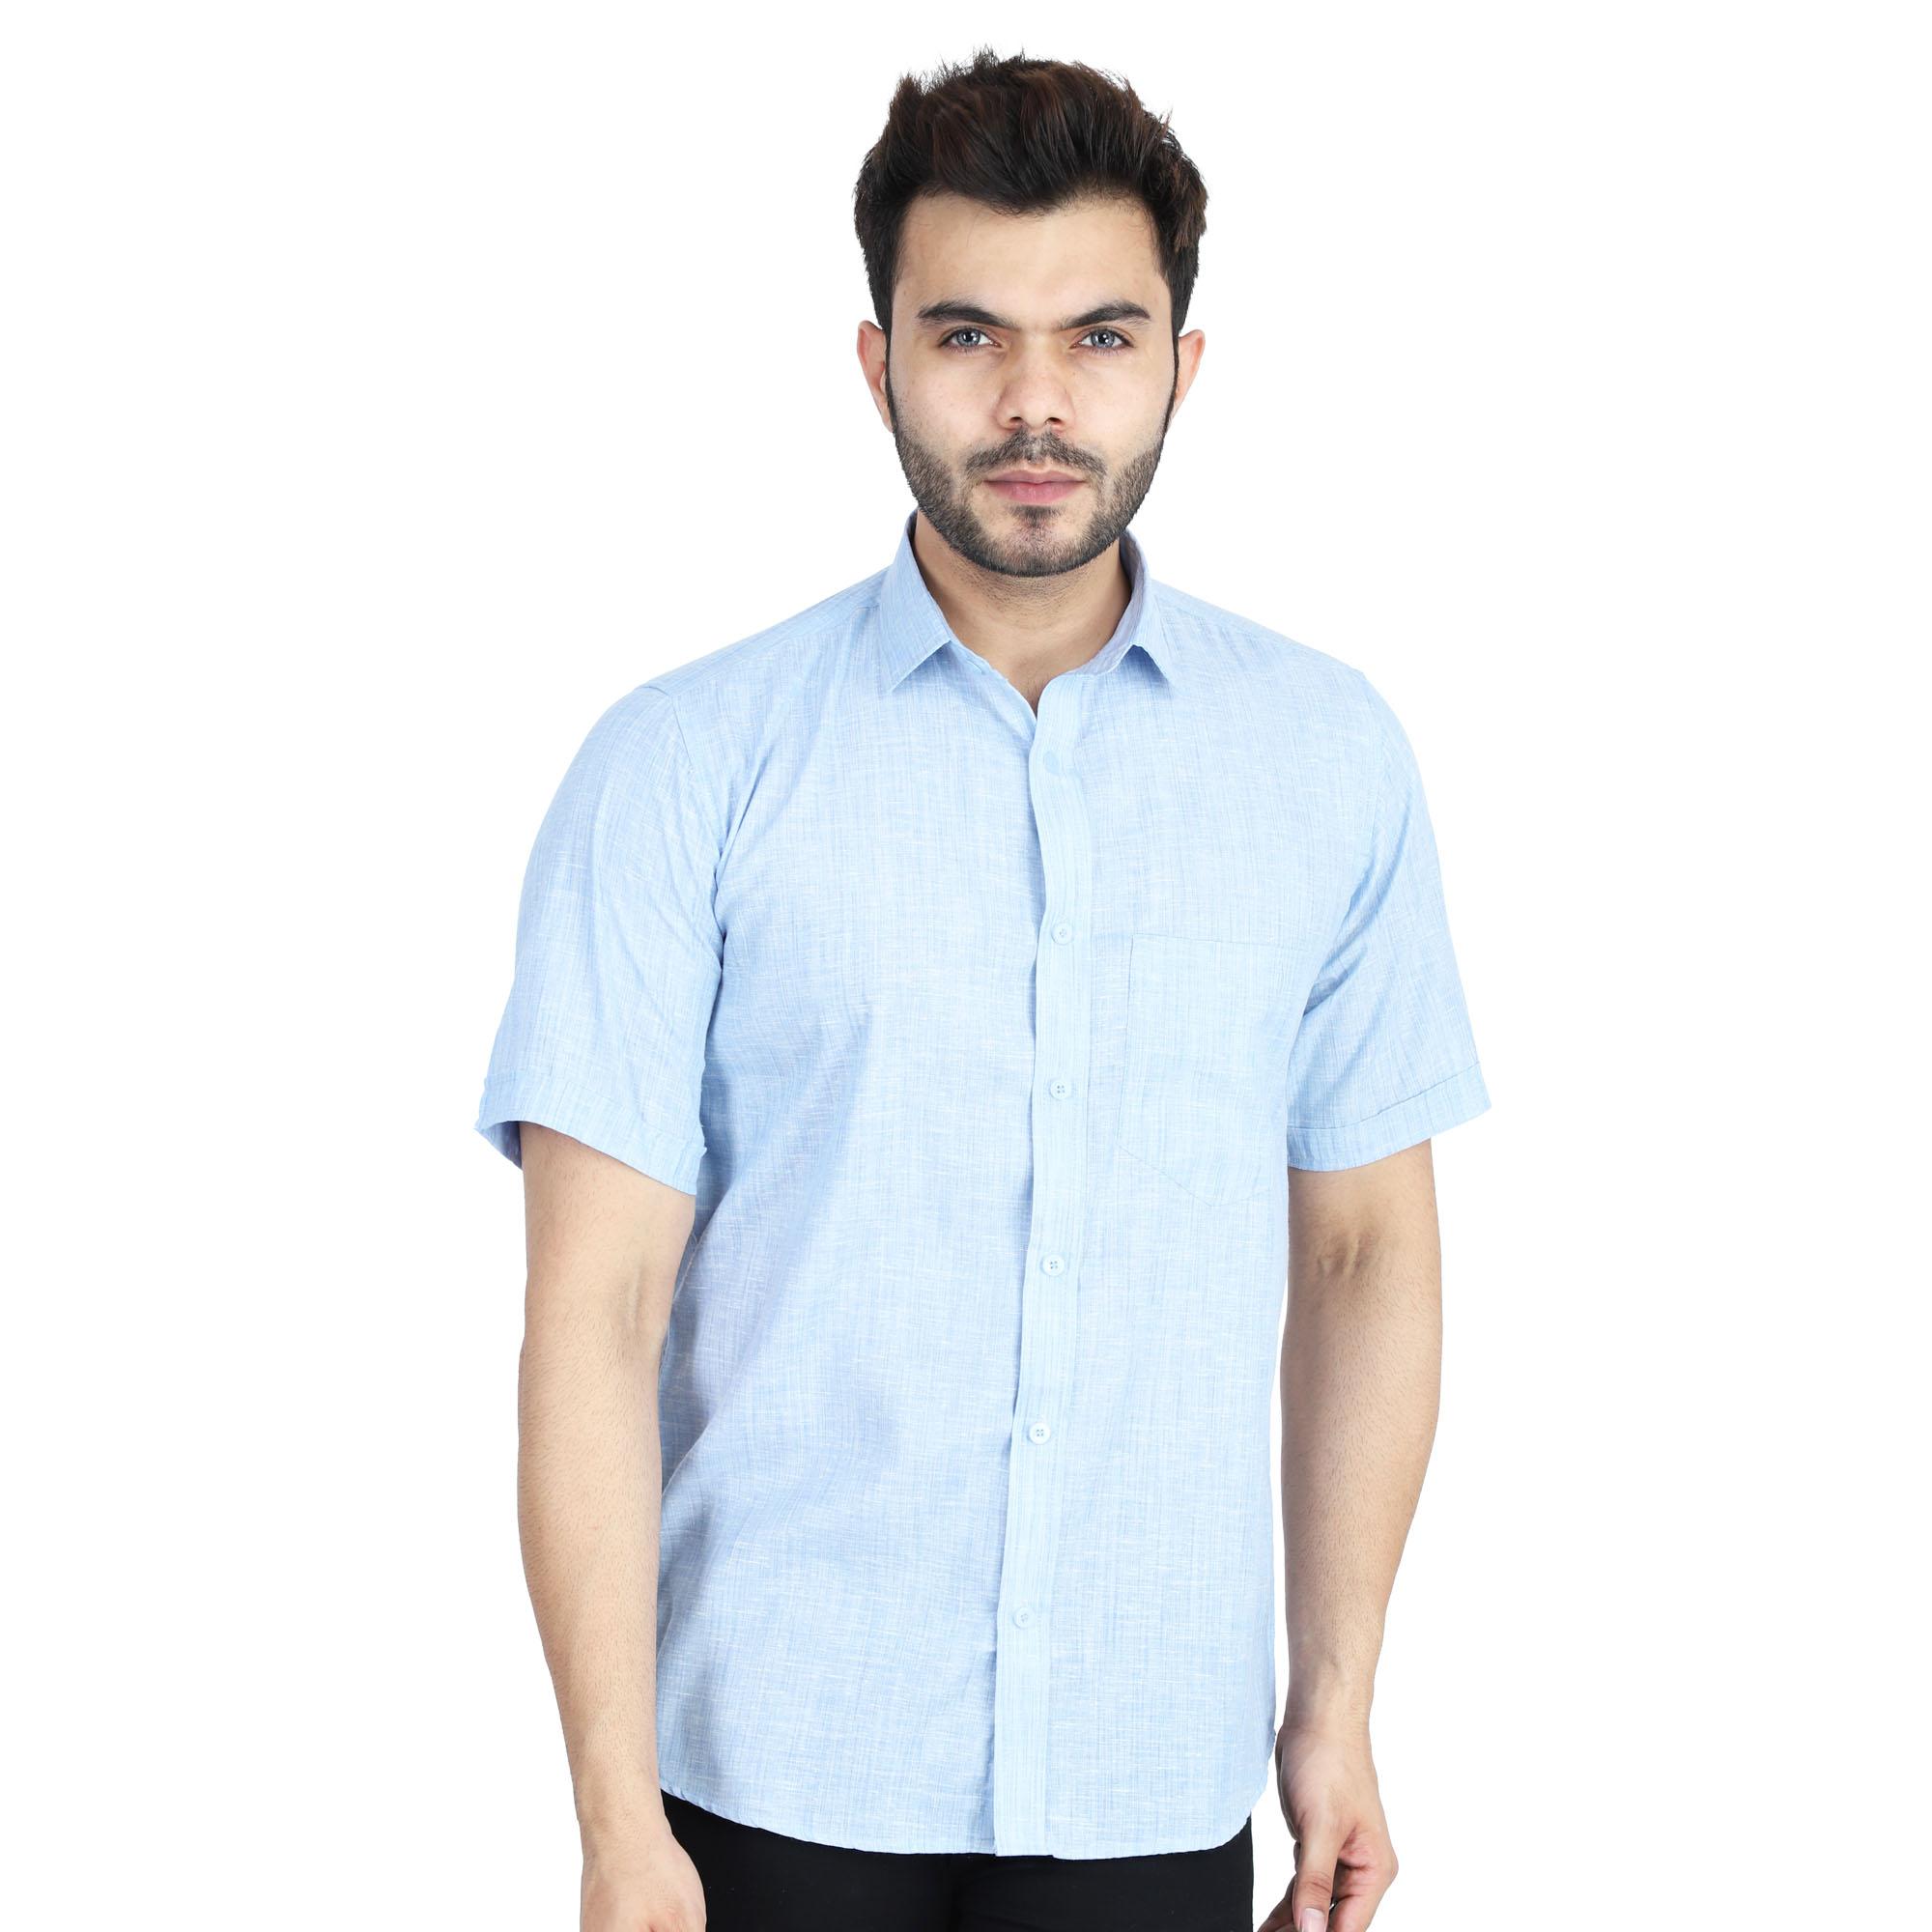 TAHVO   Tahvo Casual shirt